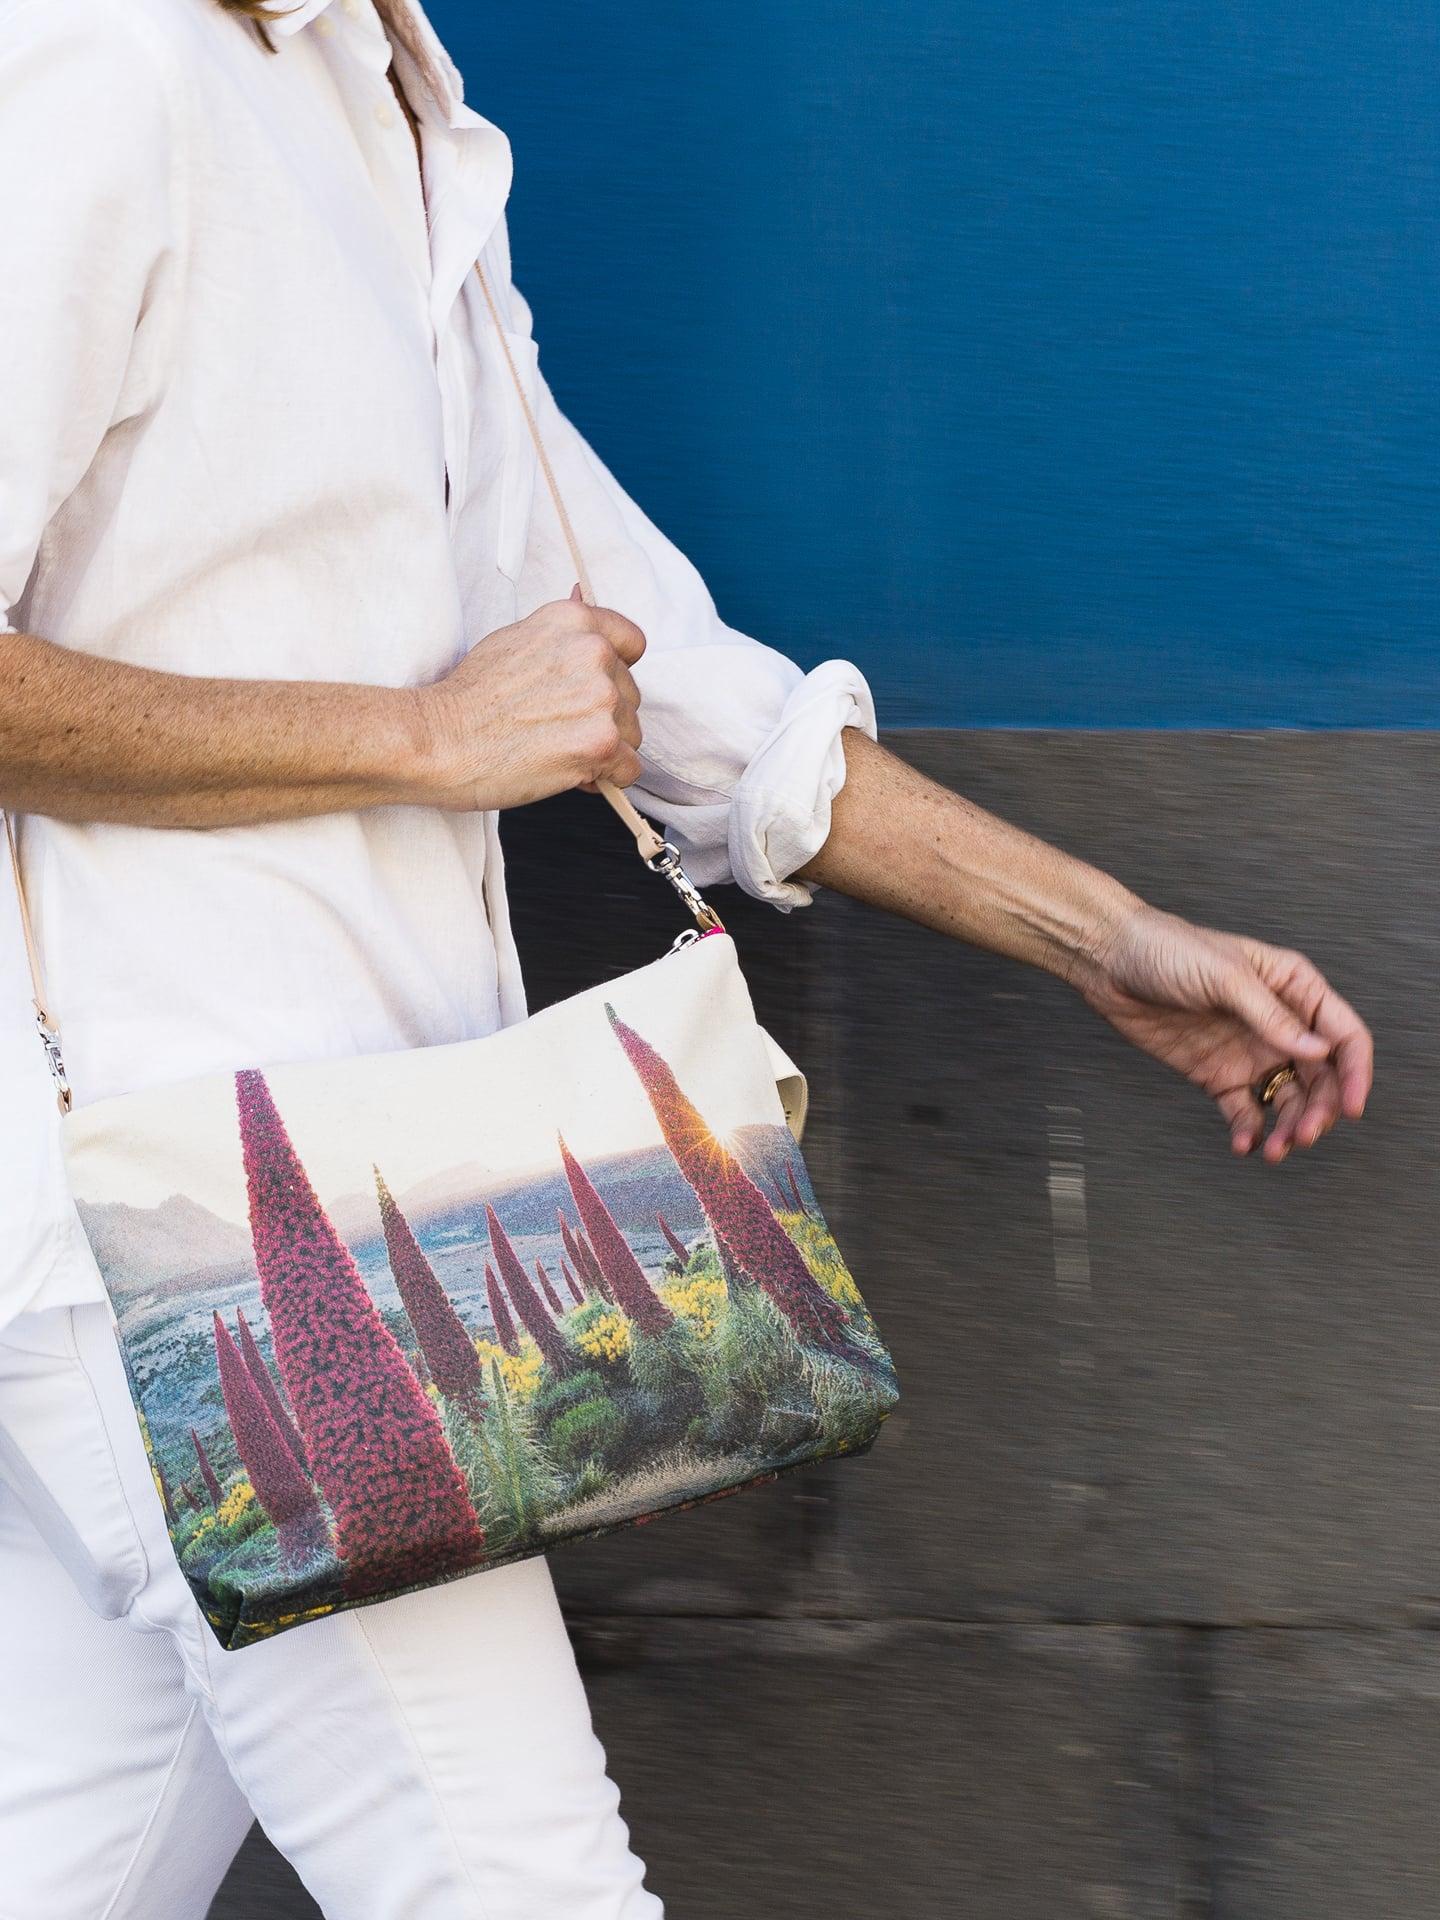 Tajinaste_in_spring-model-pouch